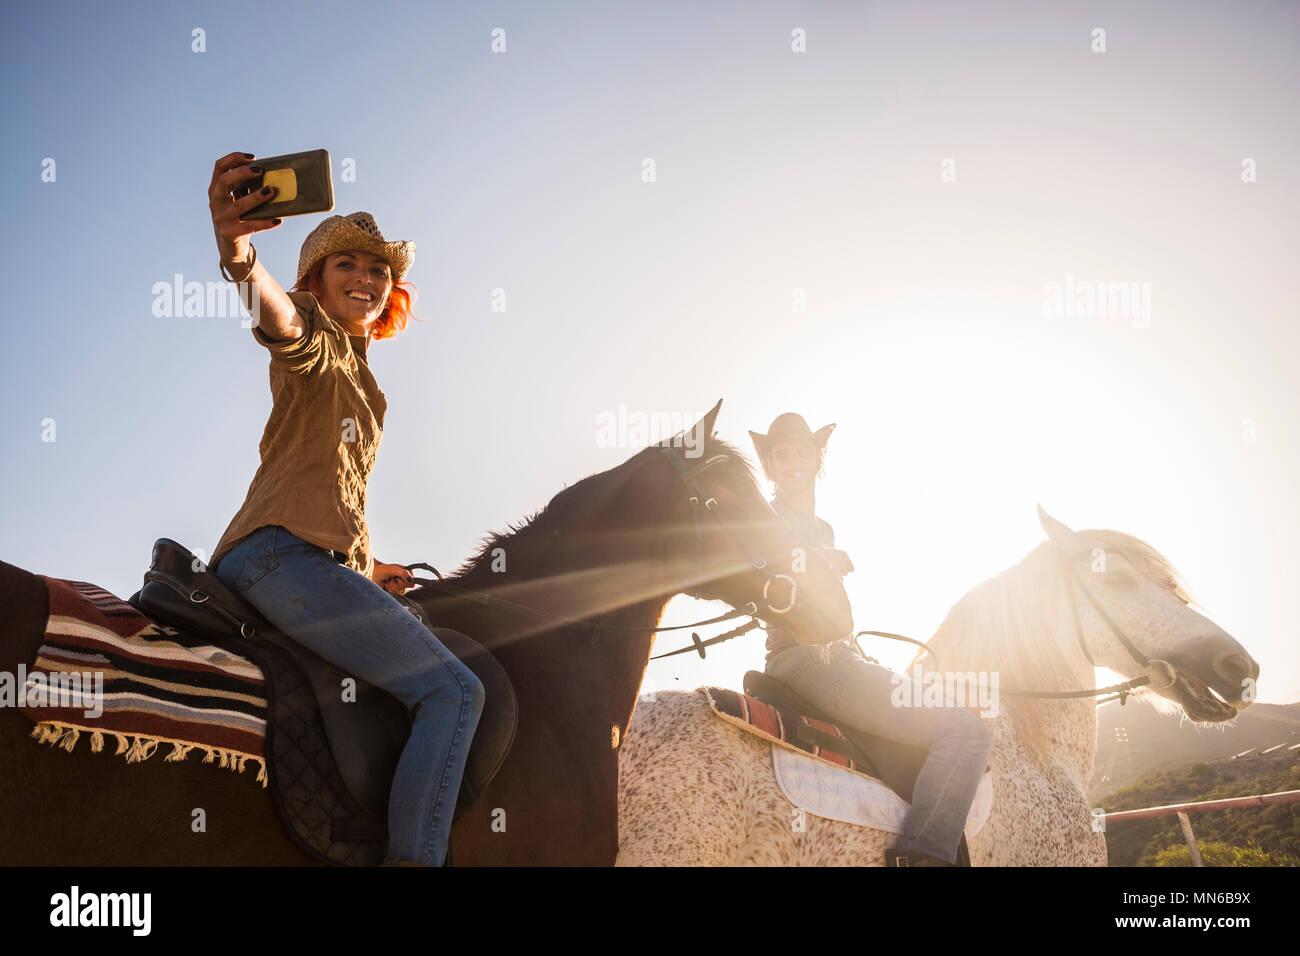 Paar auf Pferden reiten im Freien unter der Sonne im Gegenlicht für Freizeit Aktivitäten selfie mit modernen Mobilfunktechnologie. Alternative li Stockbild